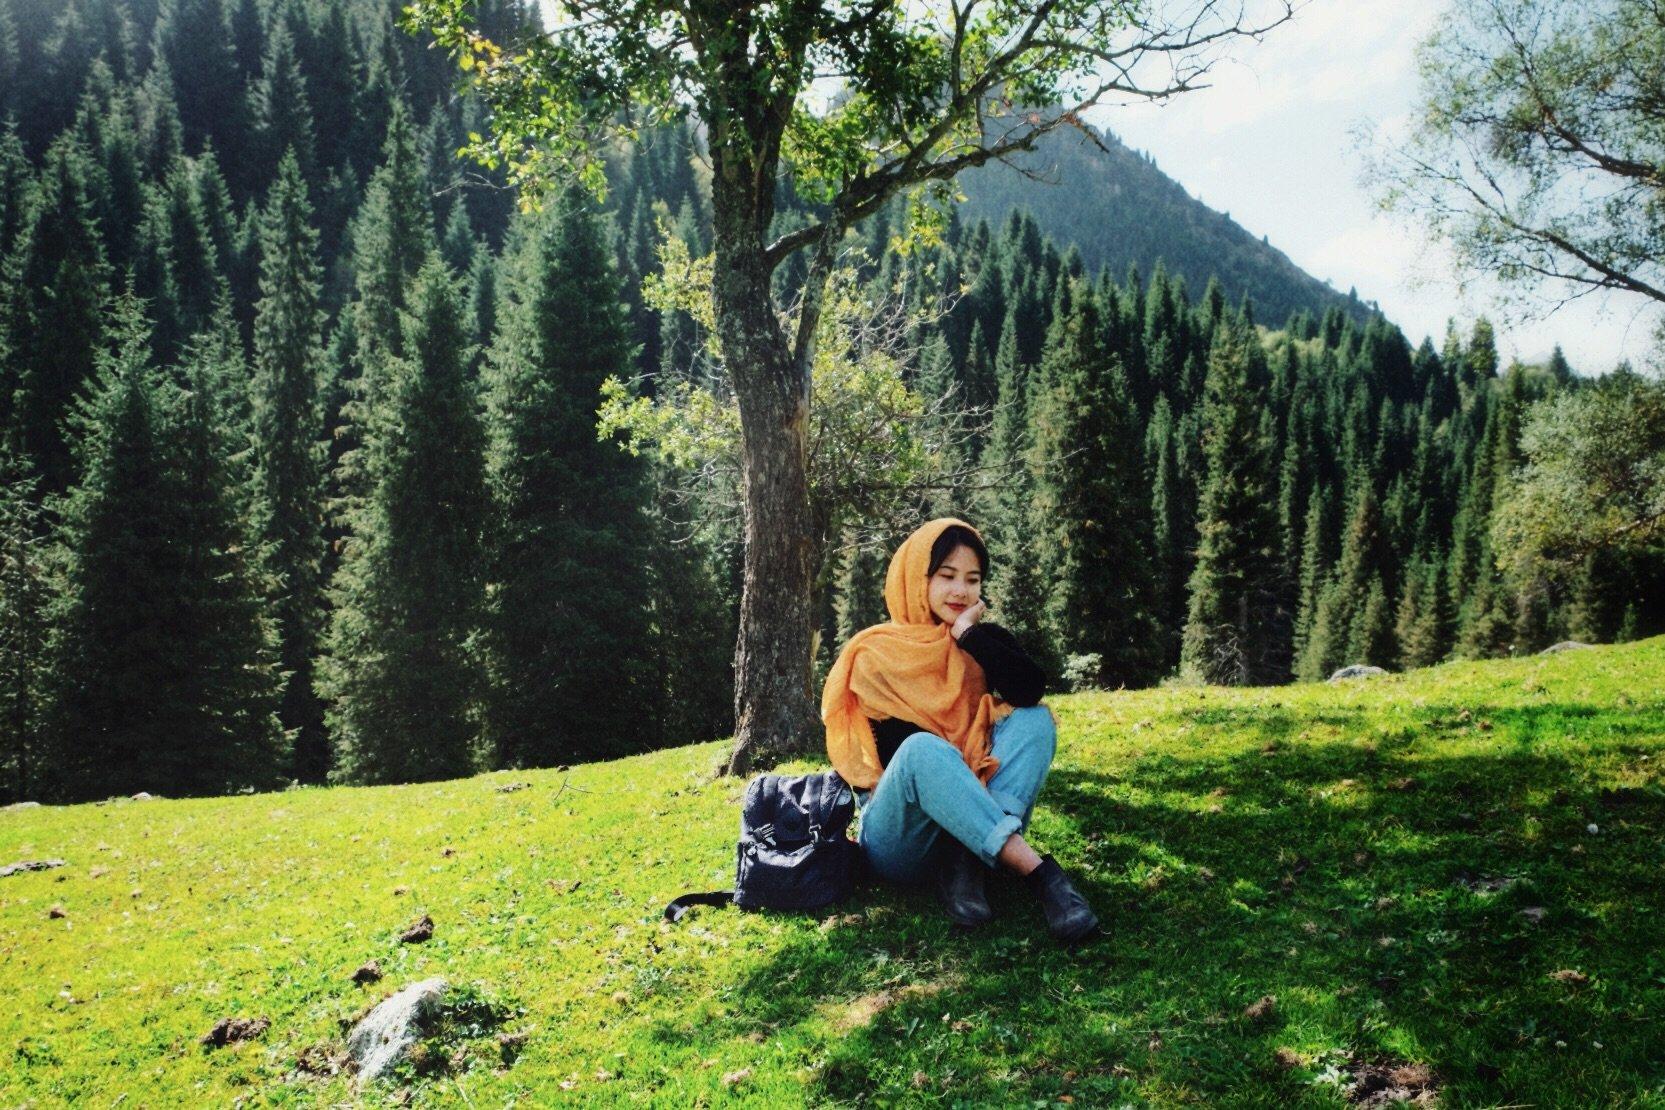 【圣诞】半山秋色半山夏,从自然走向人文的深处——北疆环游,一场如歌深醉